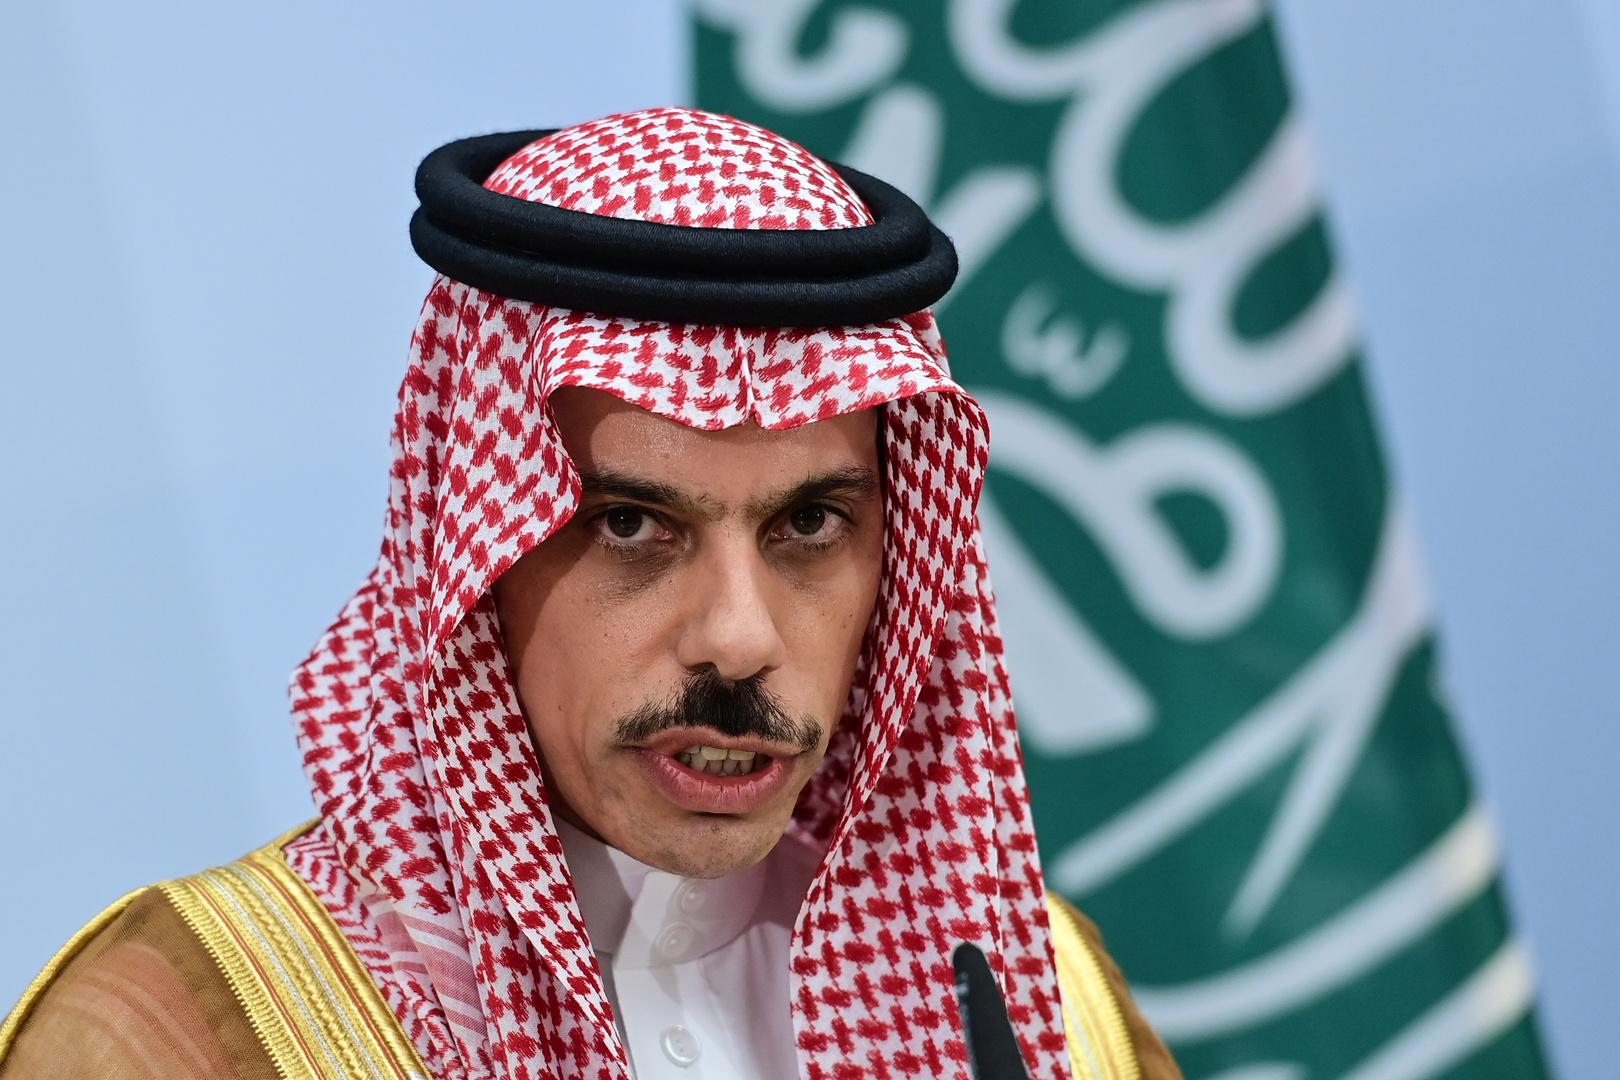 وزير الخارجية السعودي، فيصل بن فرحان بن عبد الله.